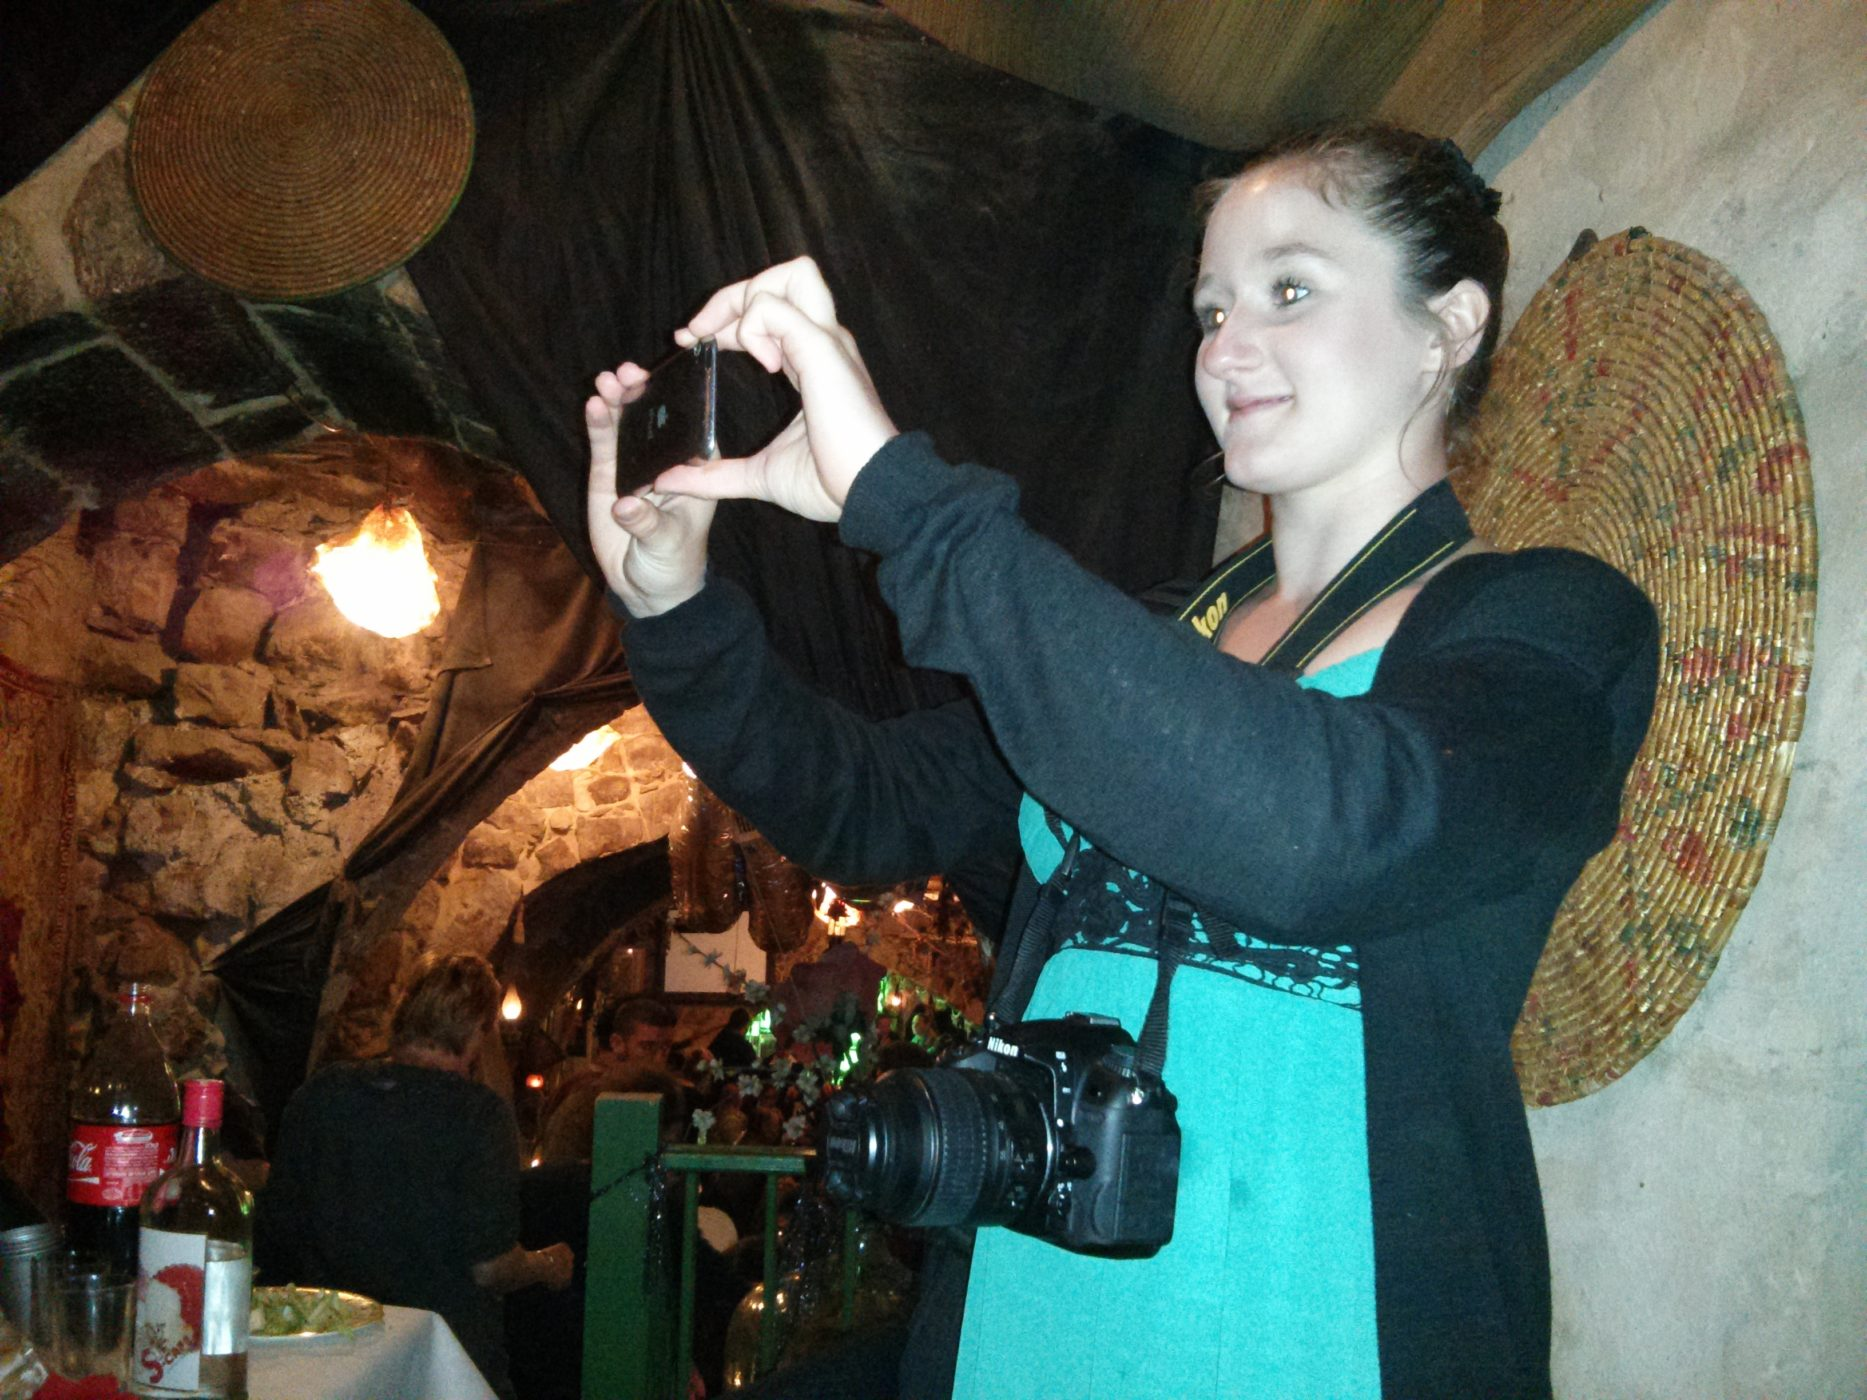 שם השולח: רז קפלן. שם השולח: רז קפלן. בתמונה רואים את בחורה שלמרות שעל צווארה מונחת מצלמת DSLR משוכללת ויקרה מעדיפה לצלם באייפון, כדי שתוכל תוך שניות אחדות לפרסם לכל העולם את שצילמה, וזה מסכם בתמונה אחת את החיים בעידן הדיגיטלי.